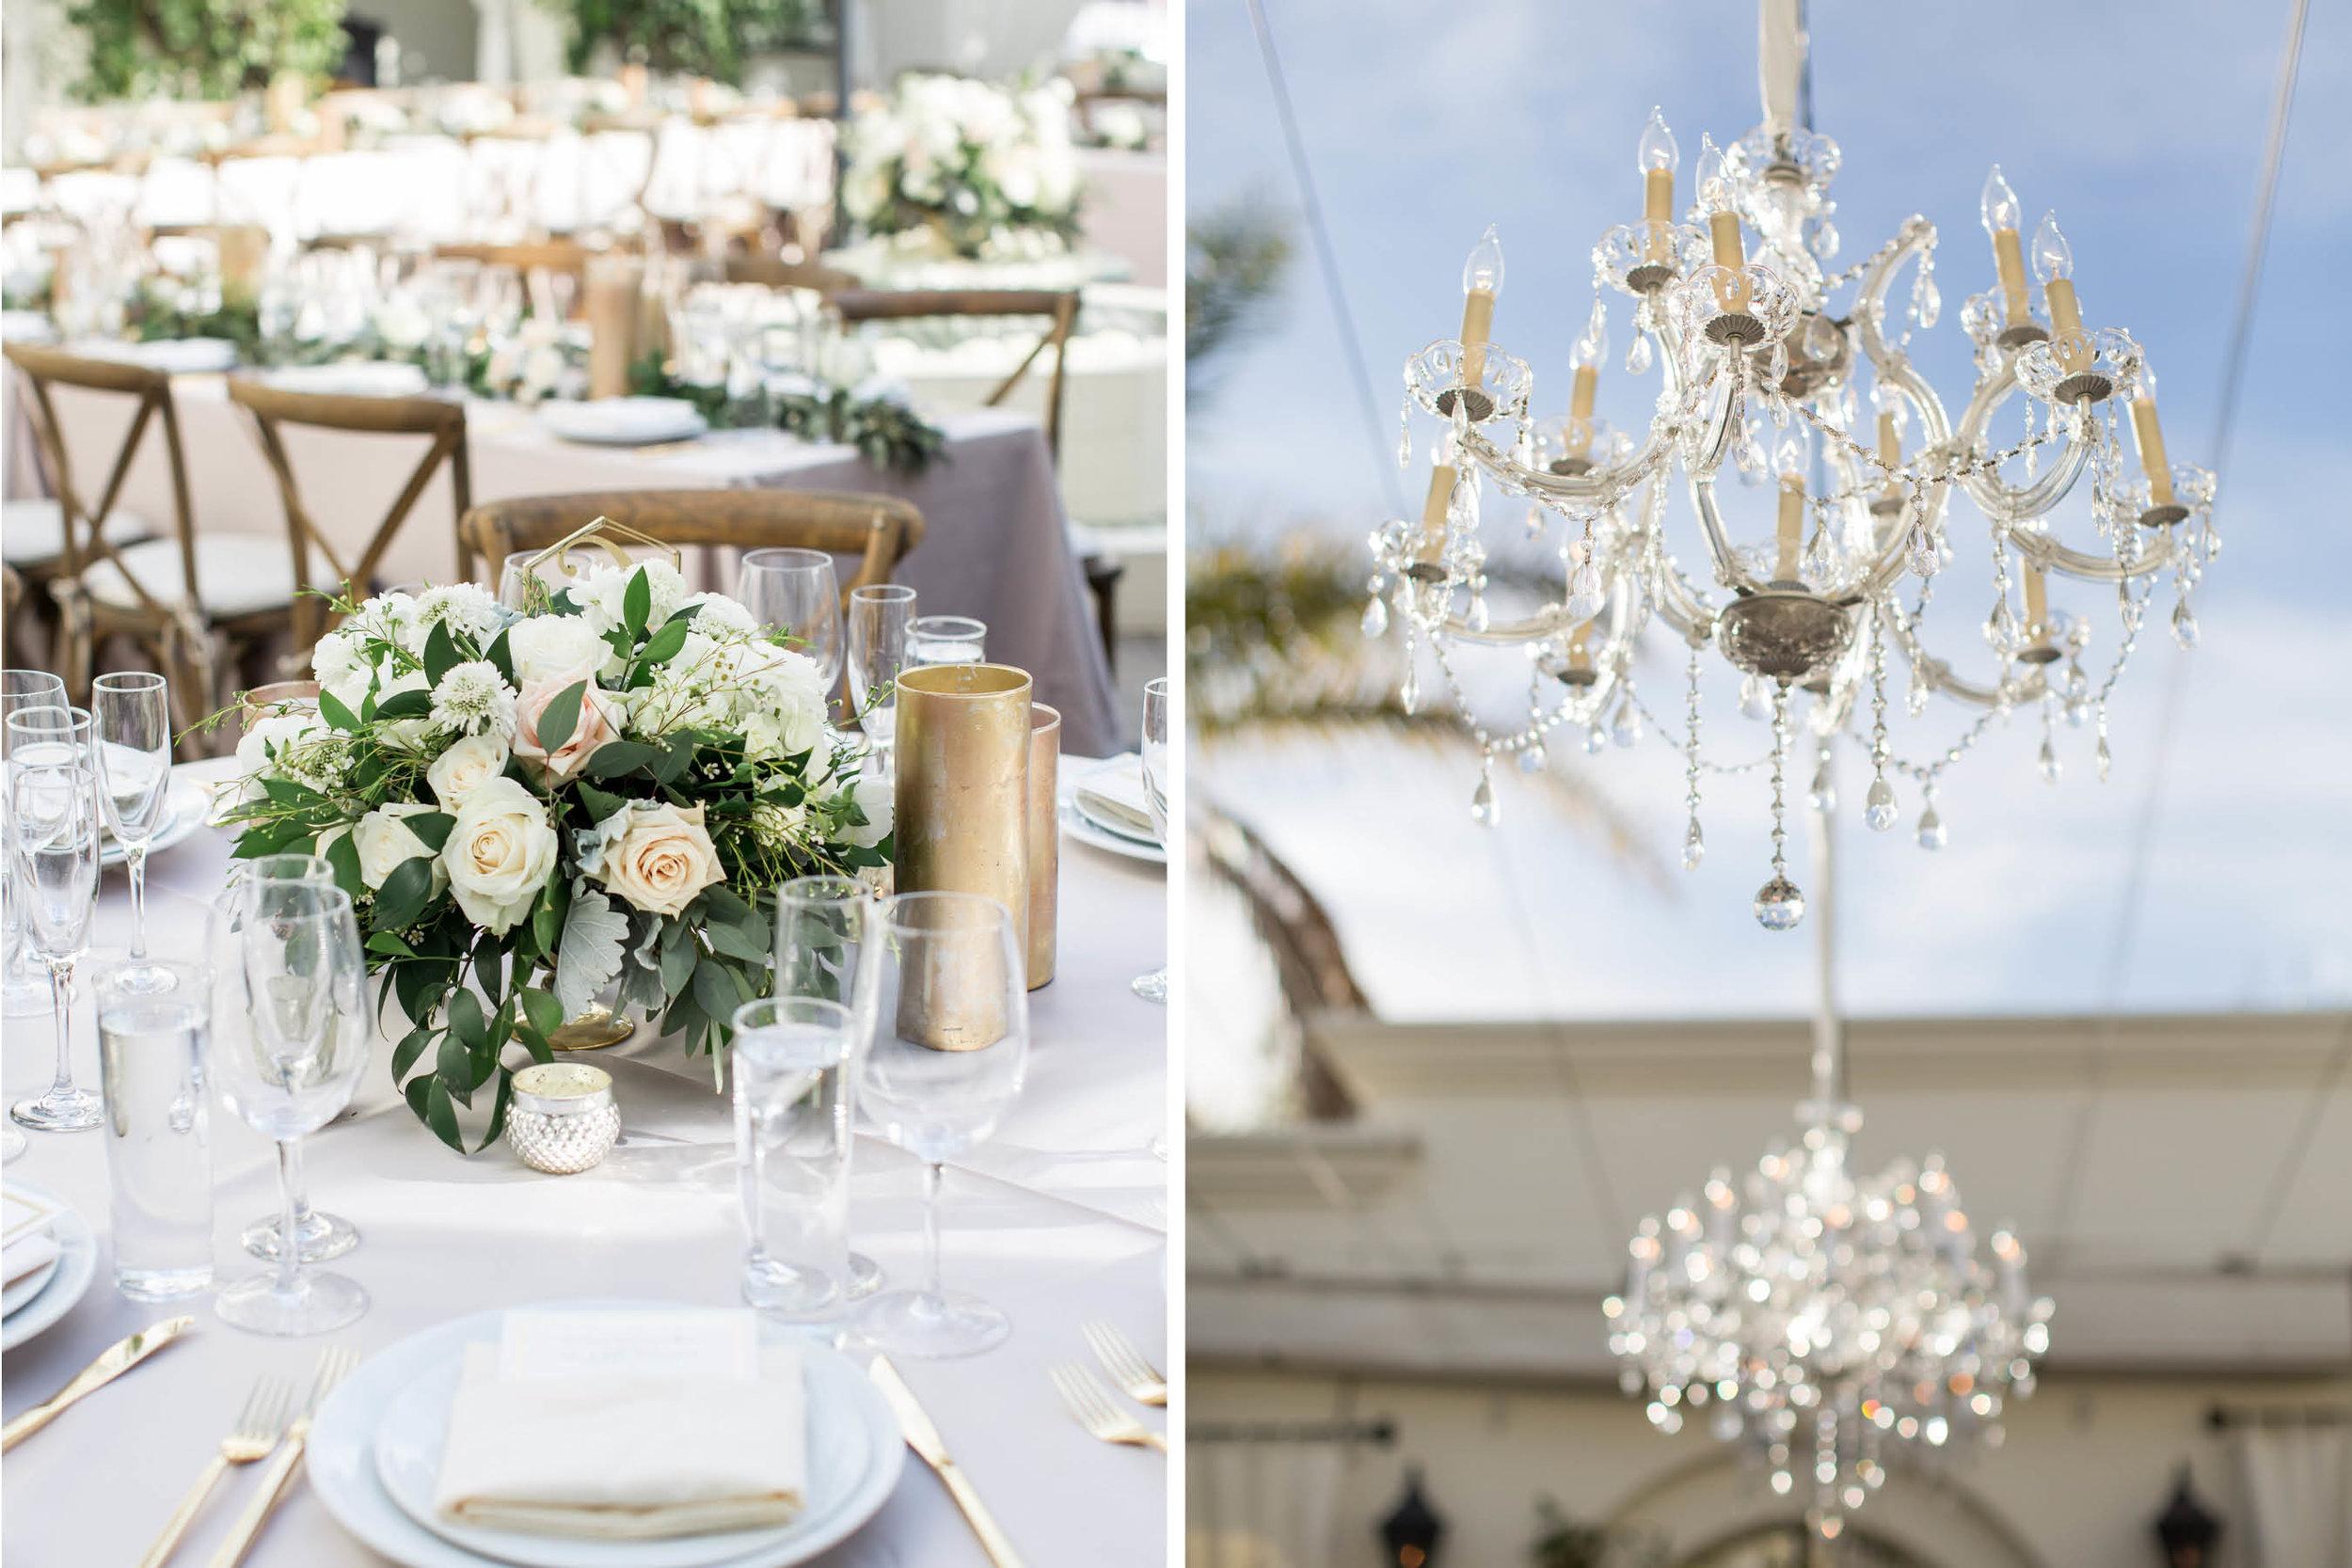 alegria-by-design-wedding-planner-planning-design-event-coordinator-day-of-courthouse-garden-hotel-californian-villa-vine-courtyard (21).jpg